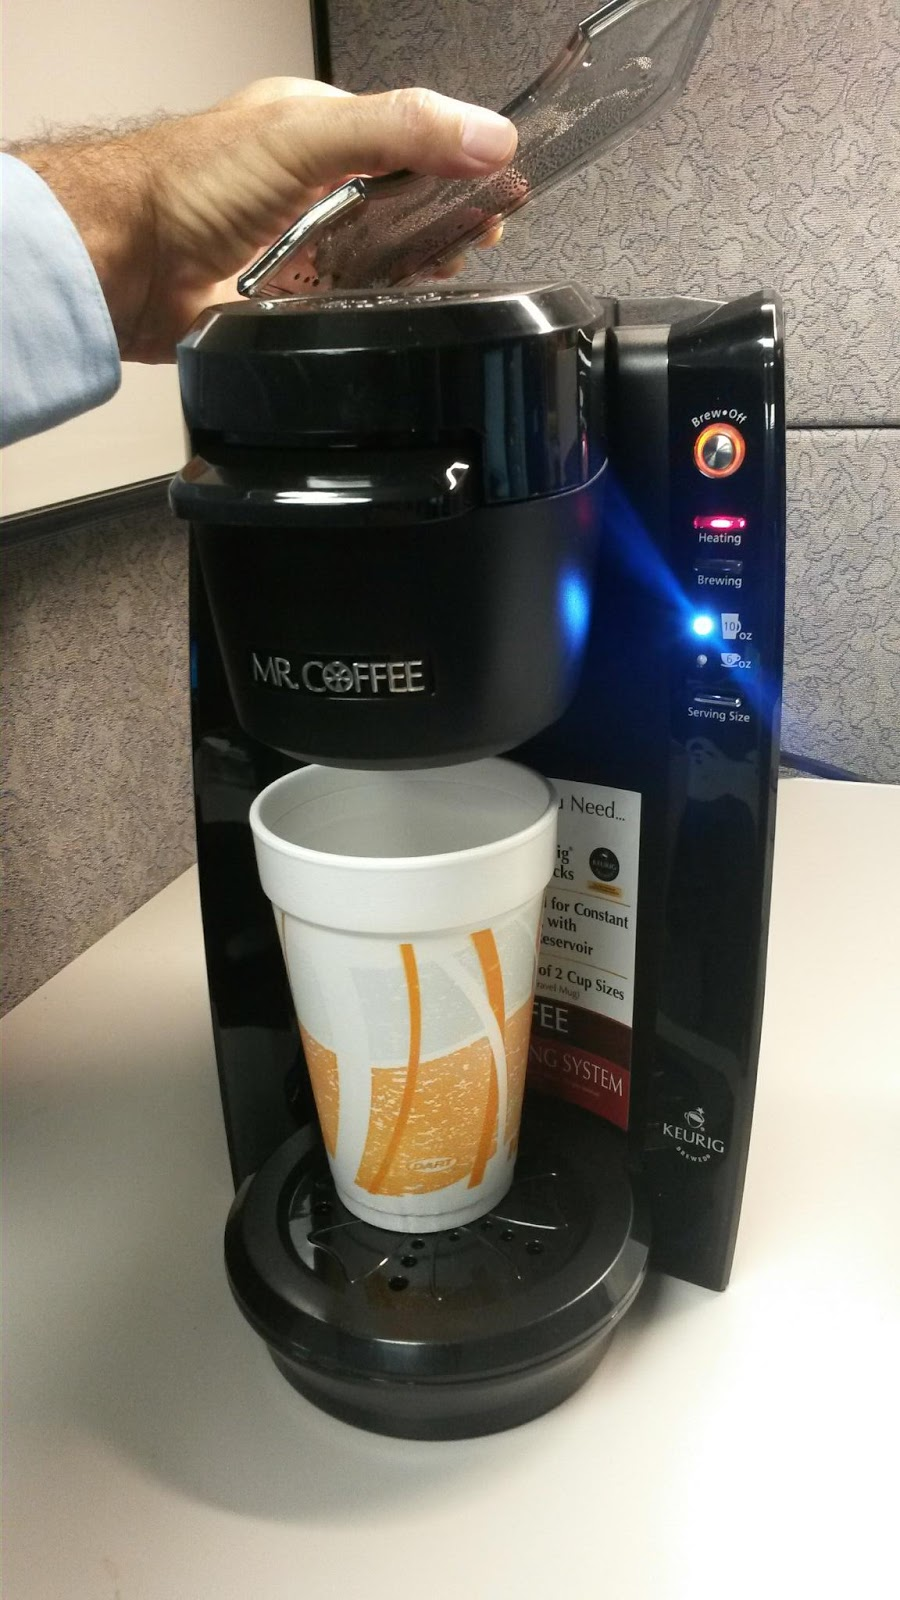 Mr Coffee Coffee Maker Smells Like Plastic : FloridaMTB: Plastic Taste in Mr Coffee Single Cup Keurig Coffee Maker